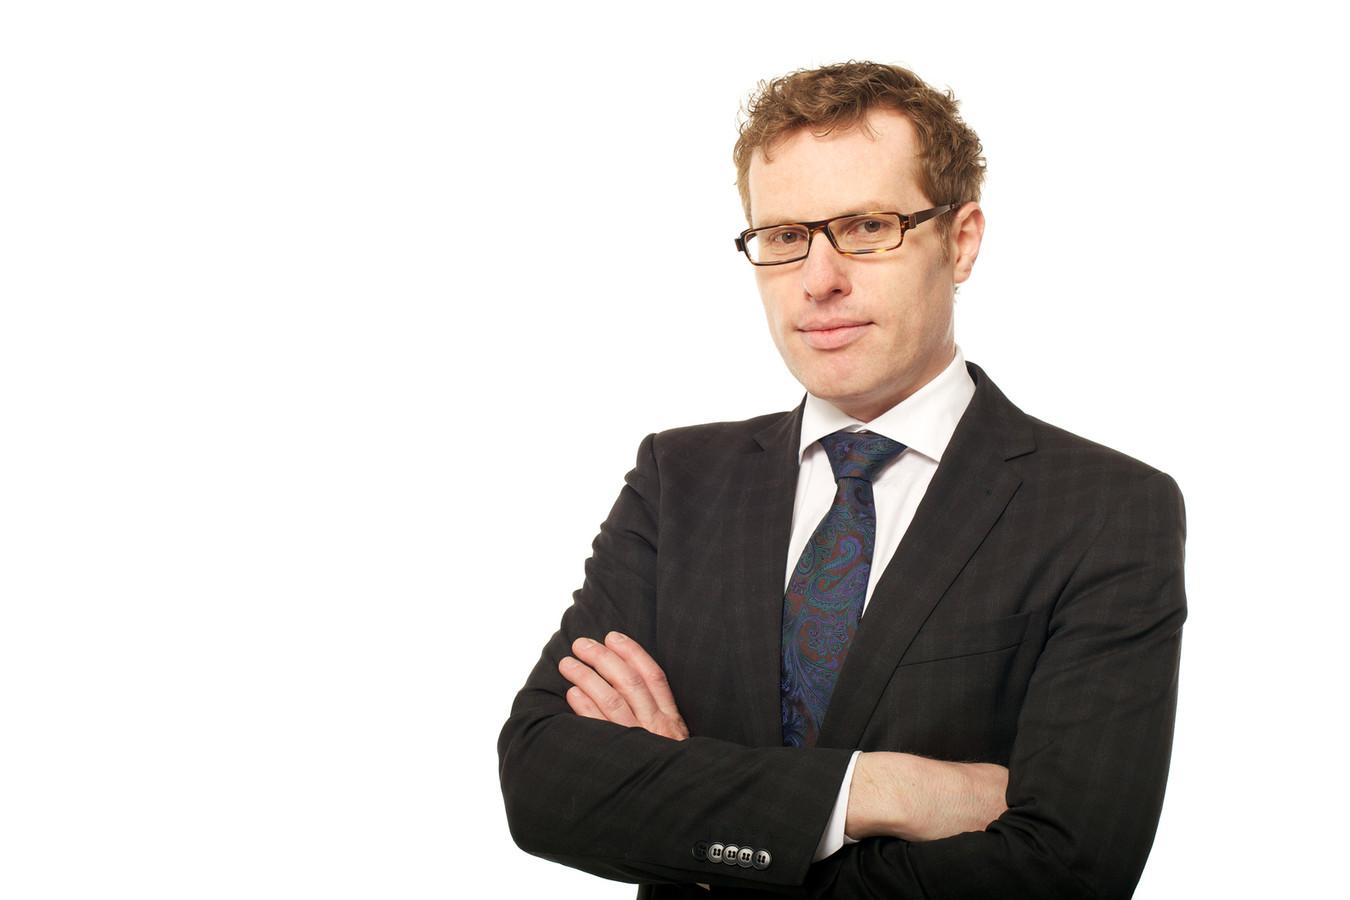 Wethouder Willem Buunk: ,,De koper kan niet zomaar doen met het bos wat hij of zij wil. Het Plantenbos moet een fijne en makkelijk toegankelijke plek blijven voor alle mensen uit Steenderen.''